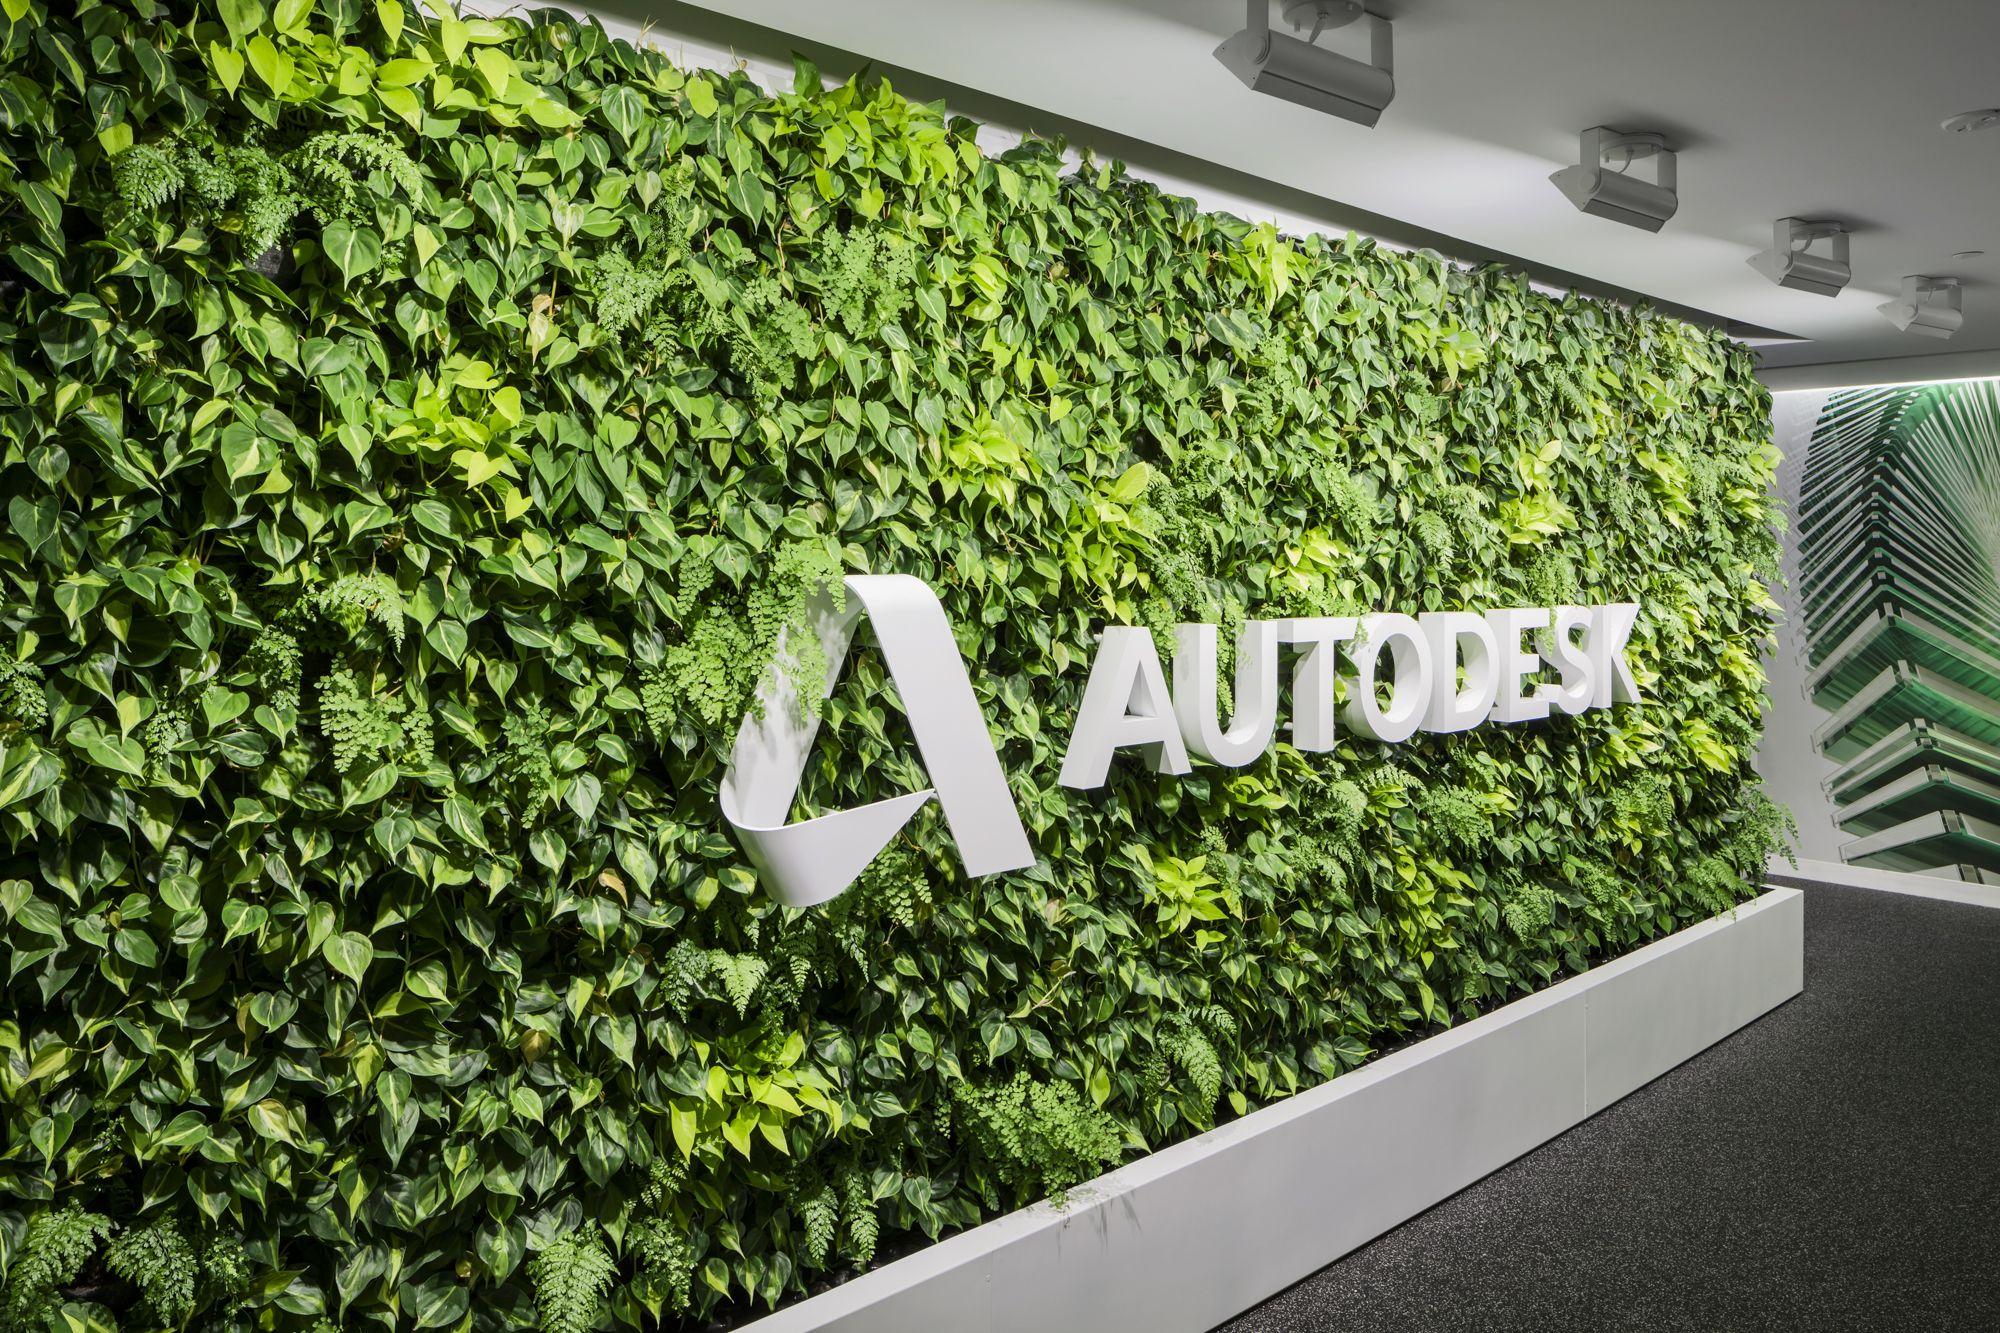 Autodesk habitat horticulture living wall habitat for Living plant walls